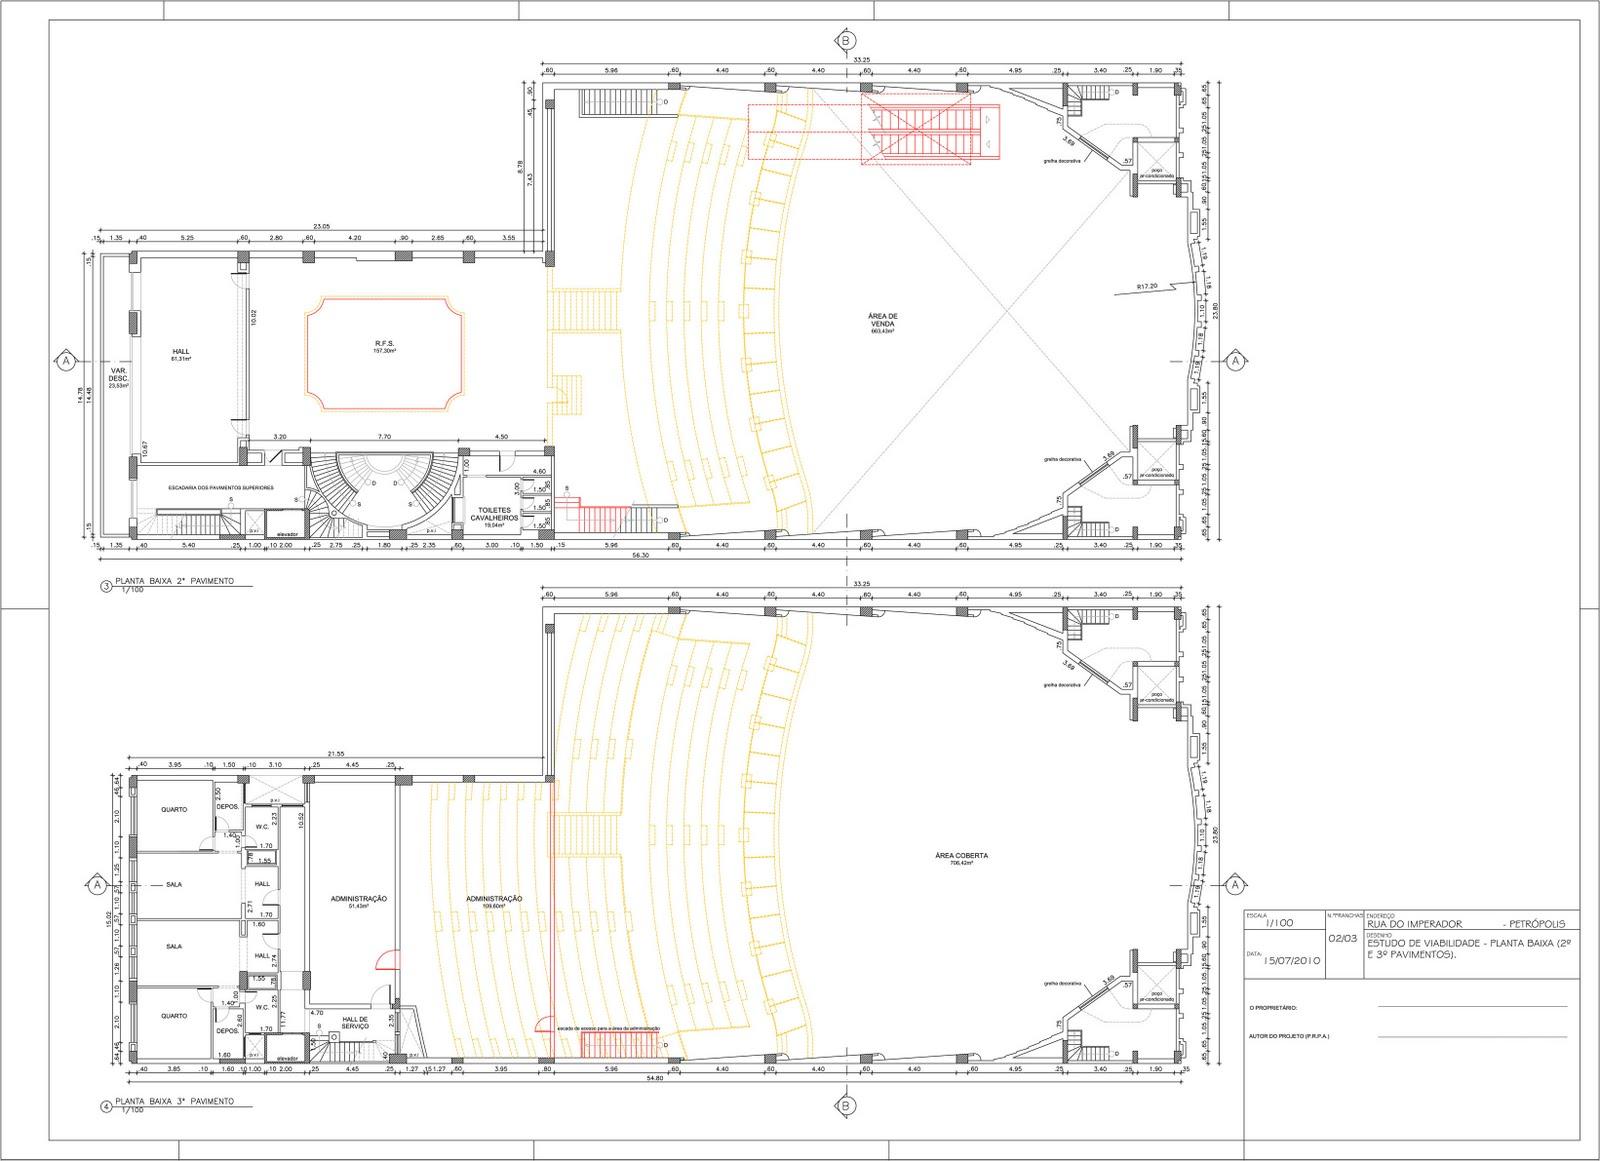 Amado Dico Mattos: Trabalho desenho arquitetura - Planta baixa cinema 2 OM13